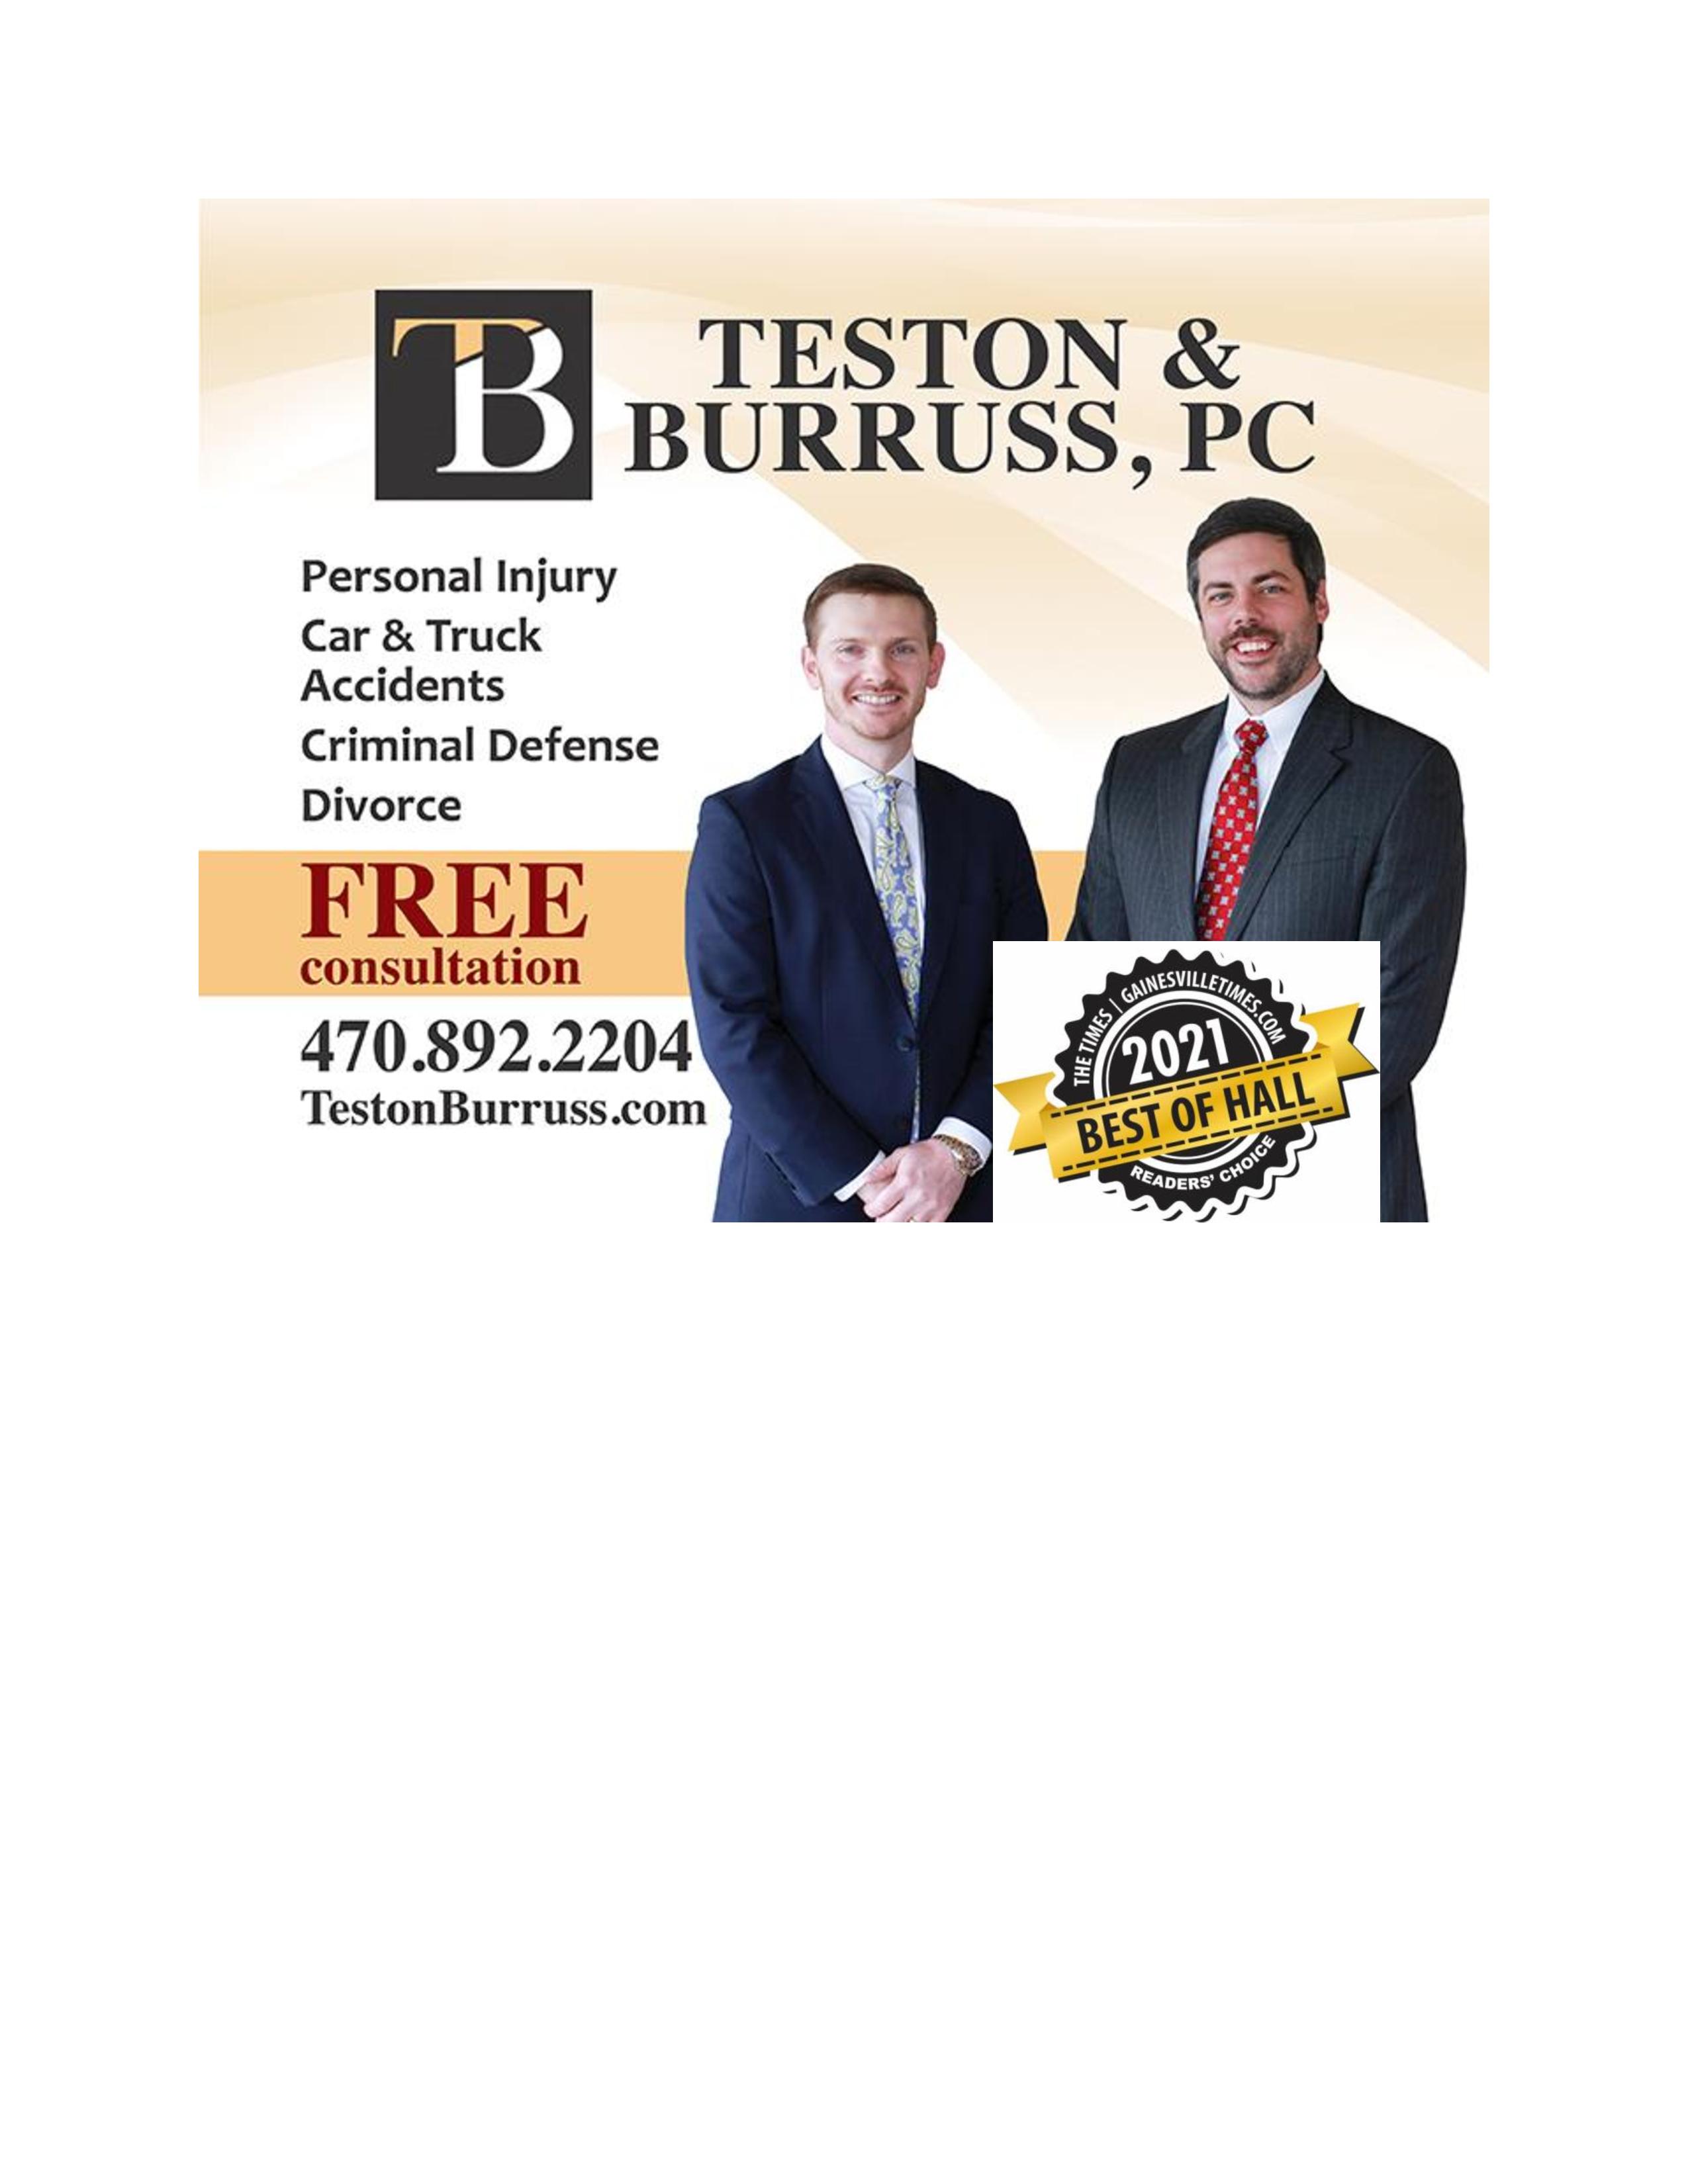 Teston & Burruss